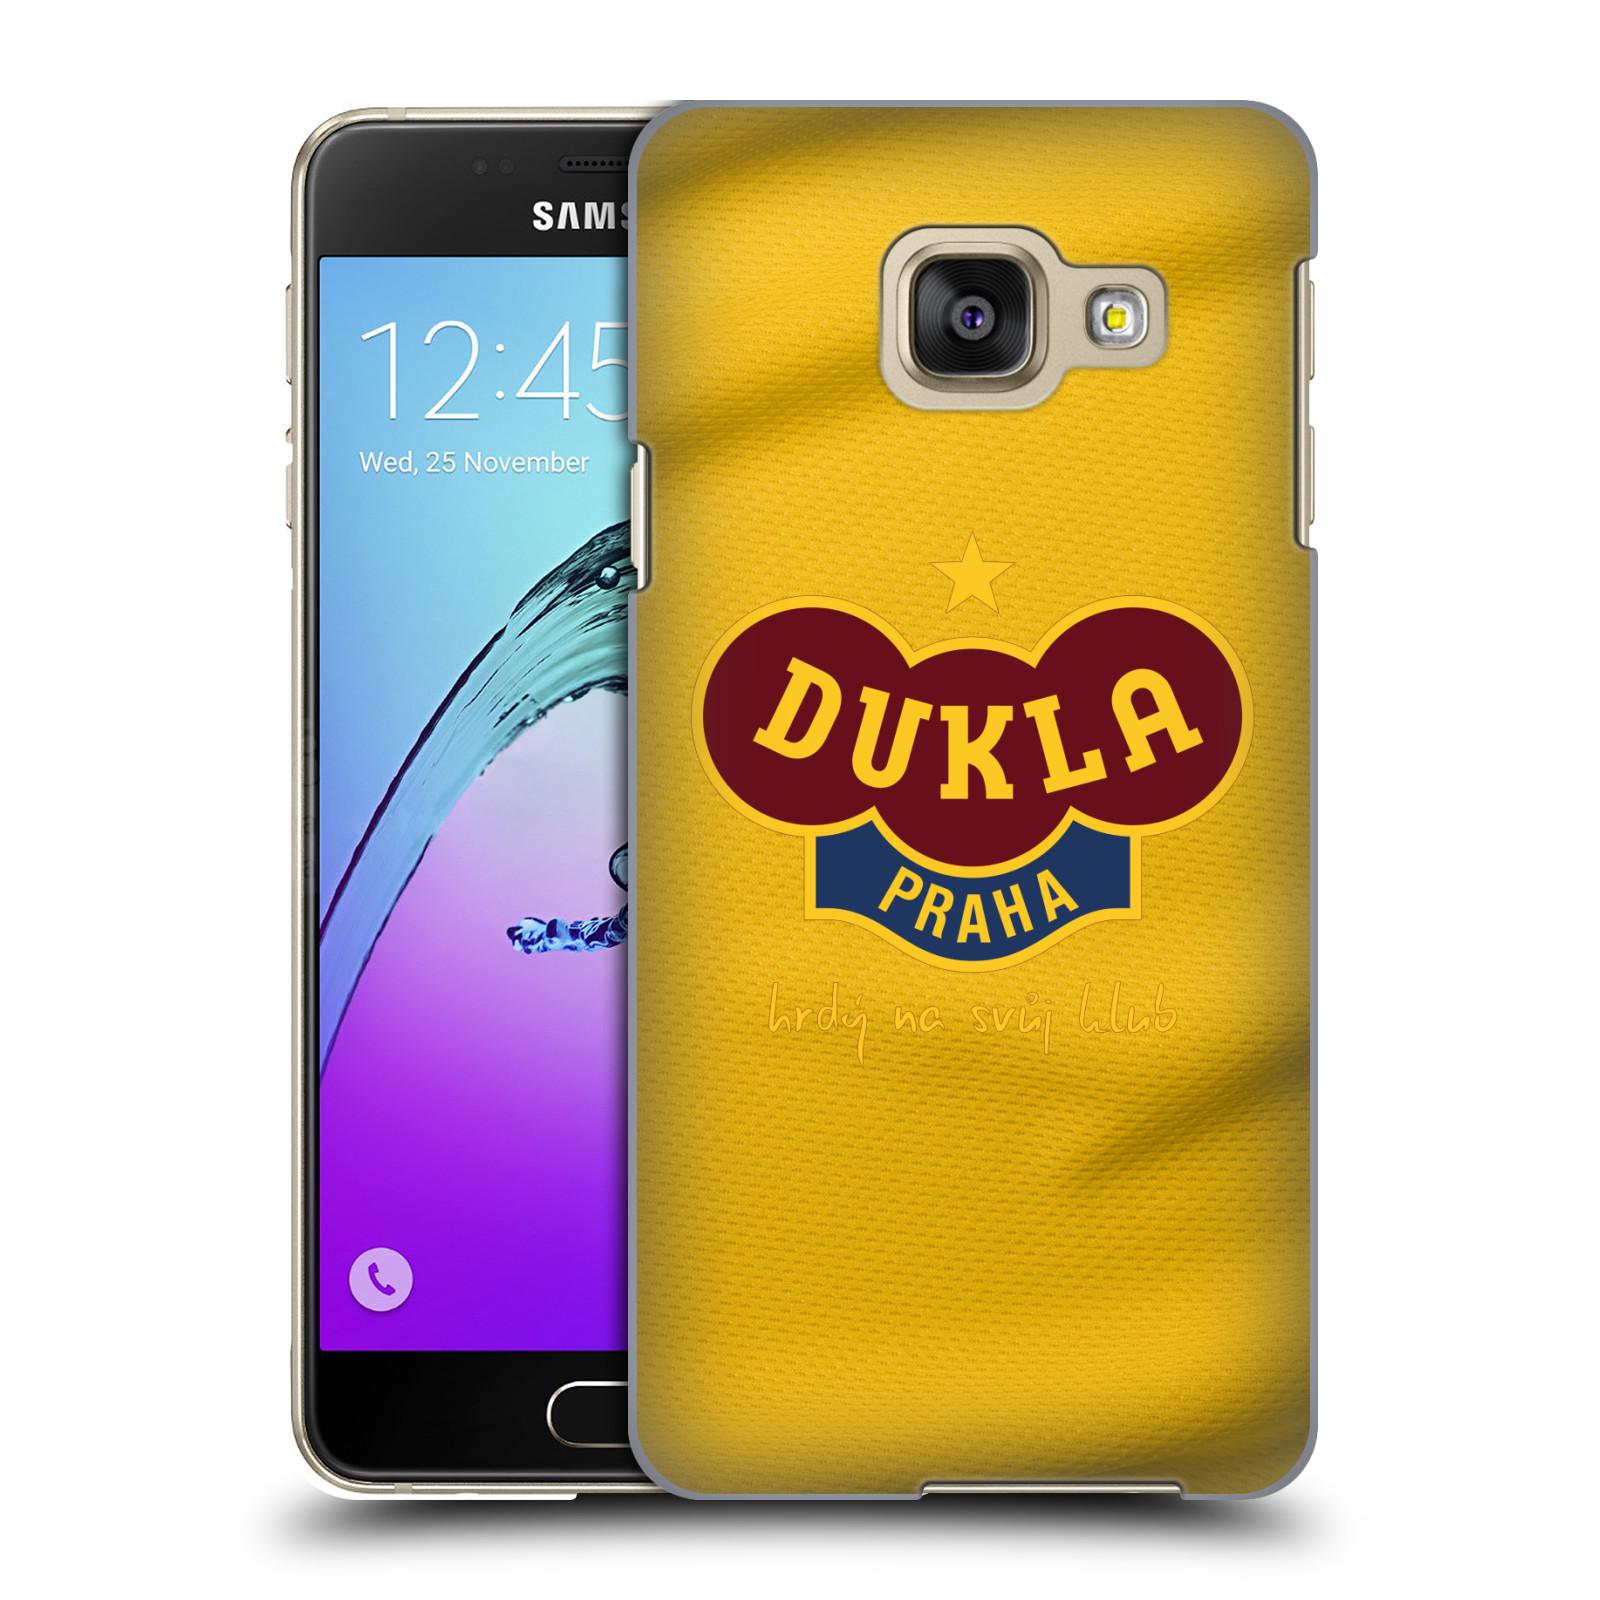 Plastové pouzdro na mobil Samsung Galaxy A3 (2016) - FK Dukla Praha - Žlutý dres